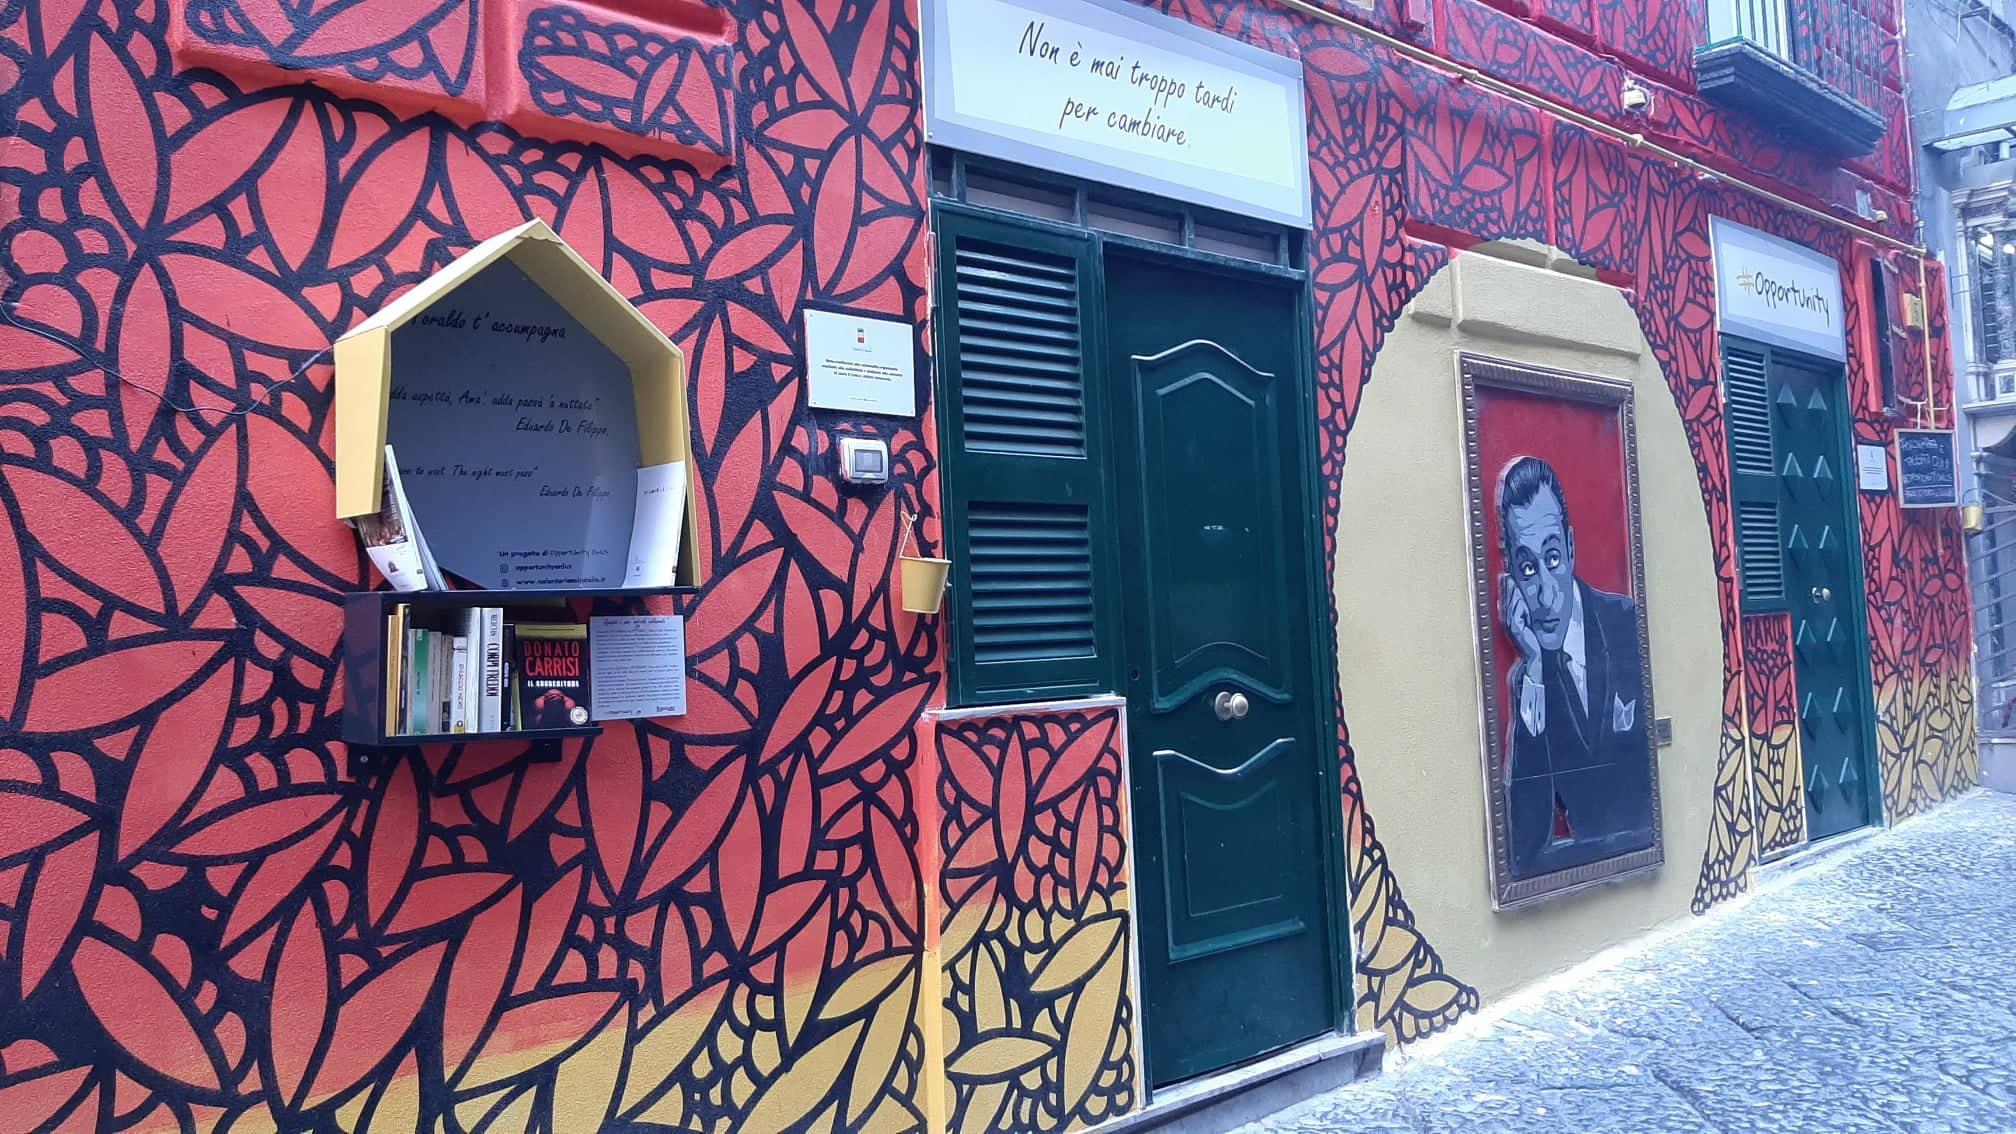 Eventi a Napoli. Street Art Culture Tour nel Rione Sanità